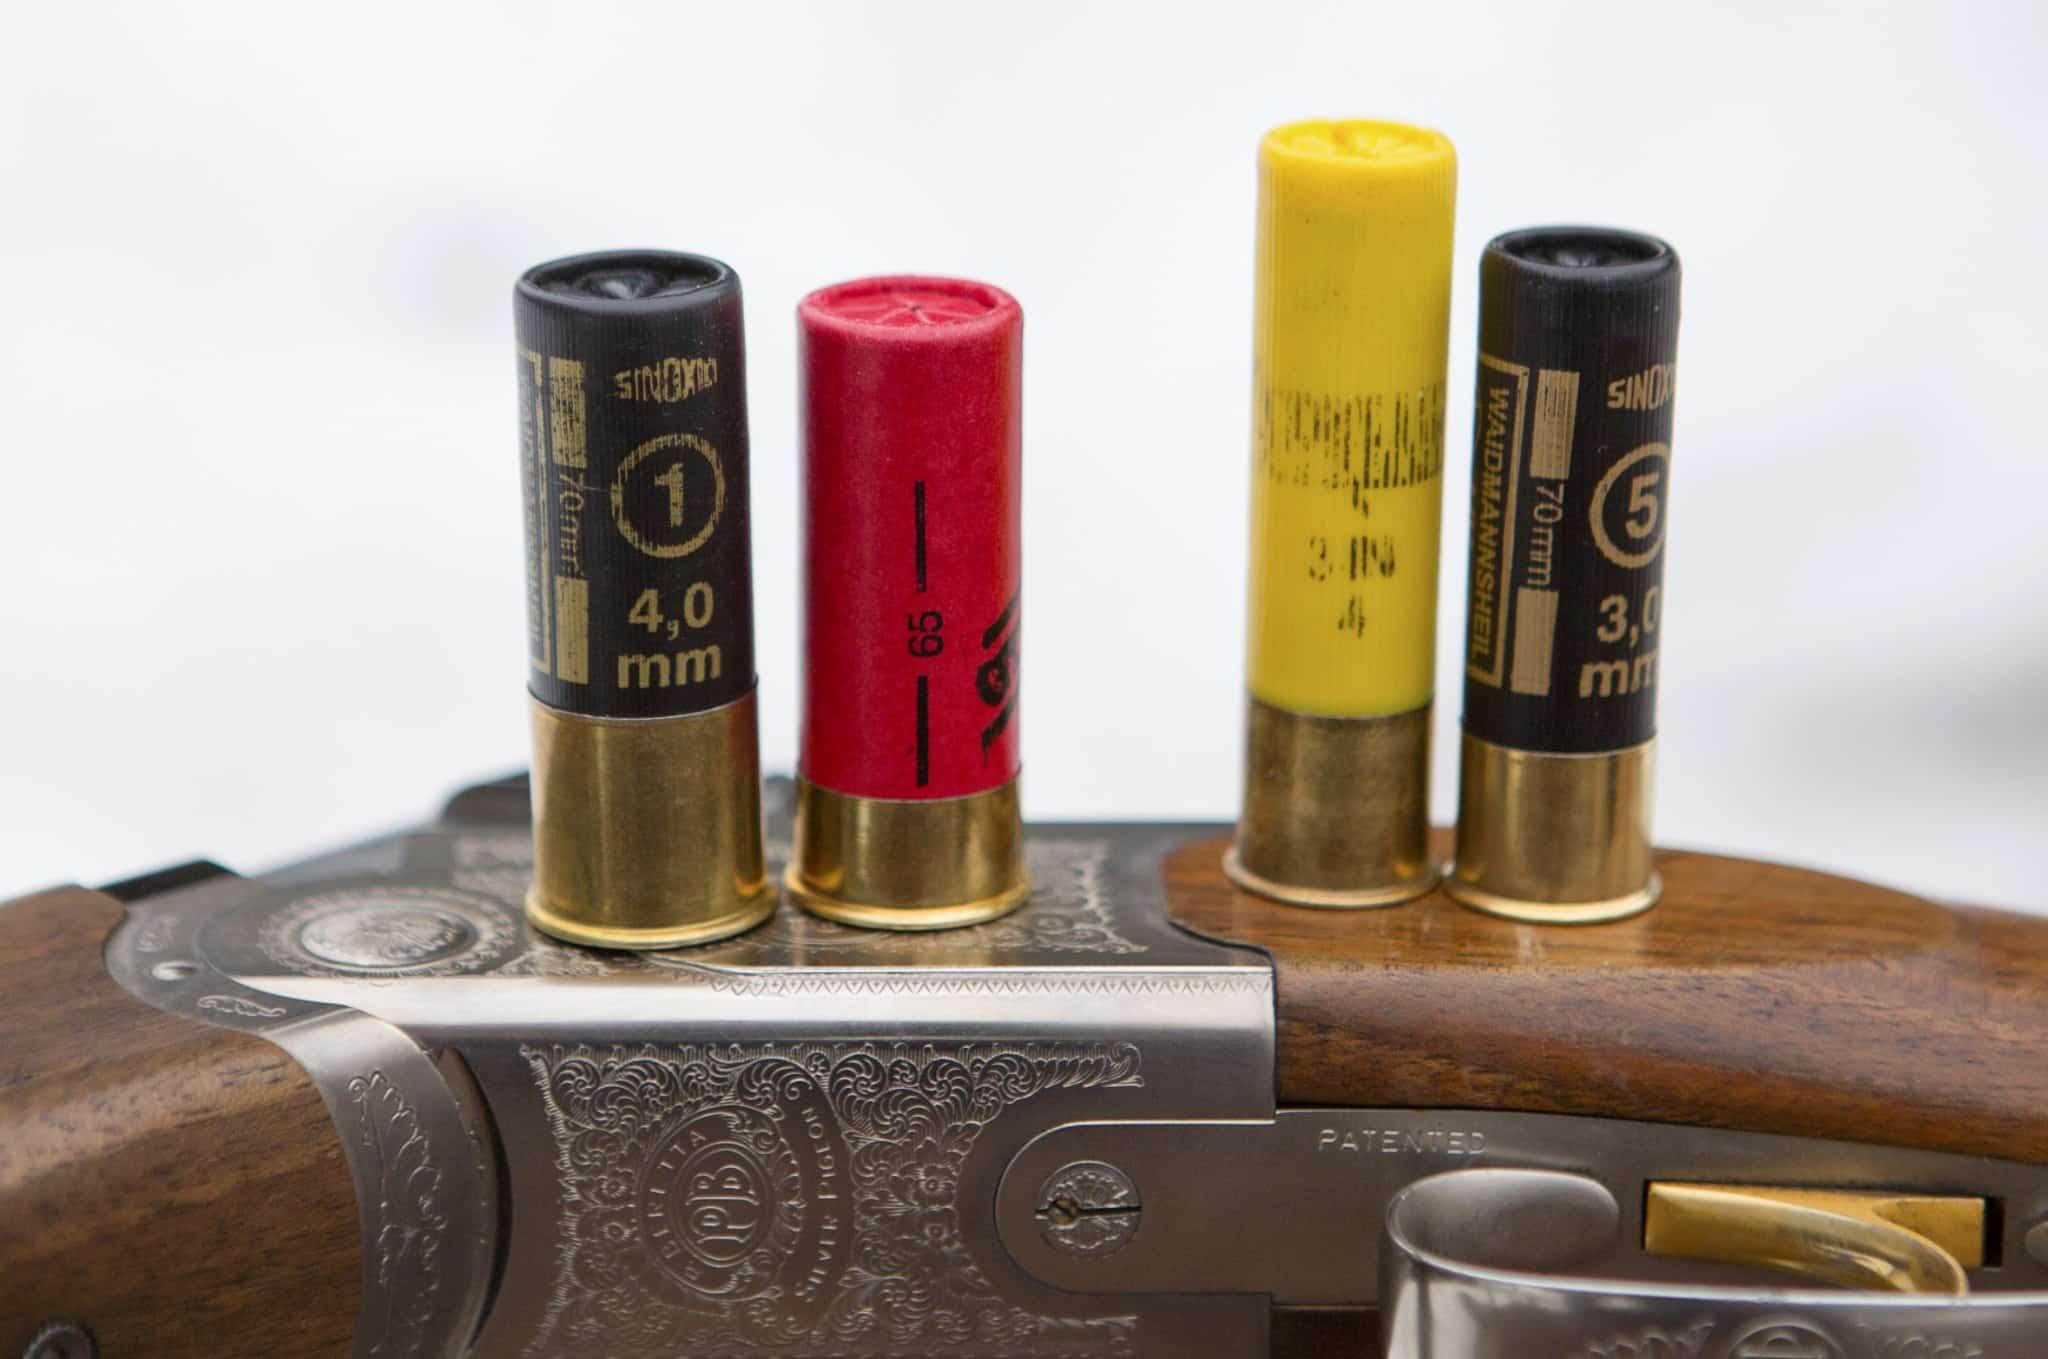 Några vanliga patronlängder, från vänster 12/70, 12/65, 20/76 och 20/70. Använder du båda kalibrarna måste du tänka på att inte förvara patronerna tillsammans, så att du undviker att ladda en patron i kaliber 20 i ett vapen i kaliber 12.